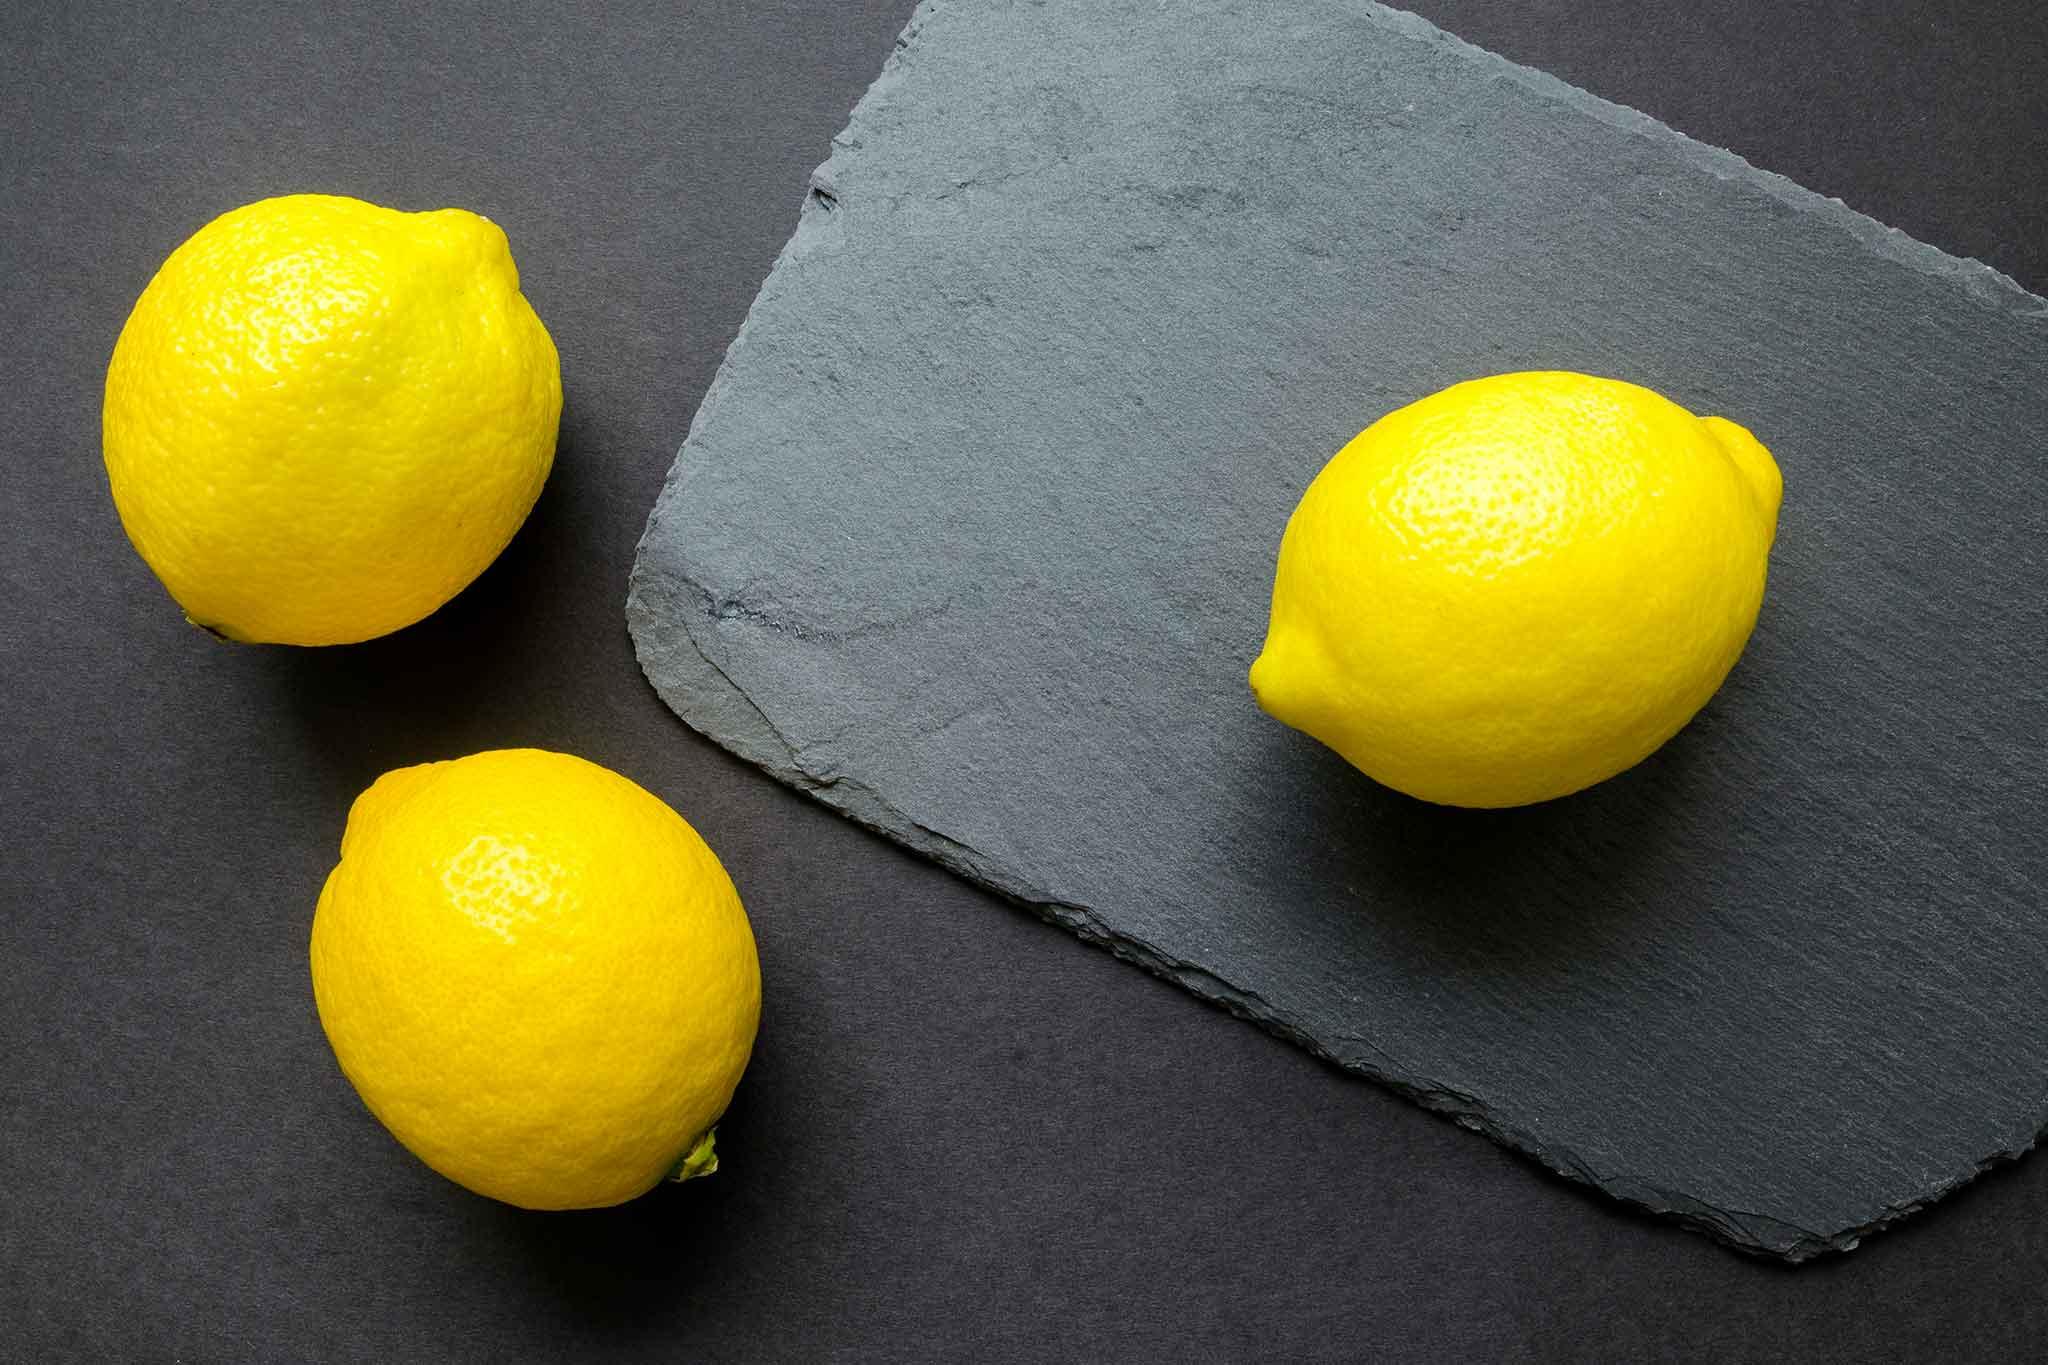 limoni zona gialla